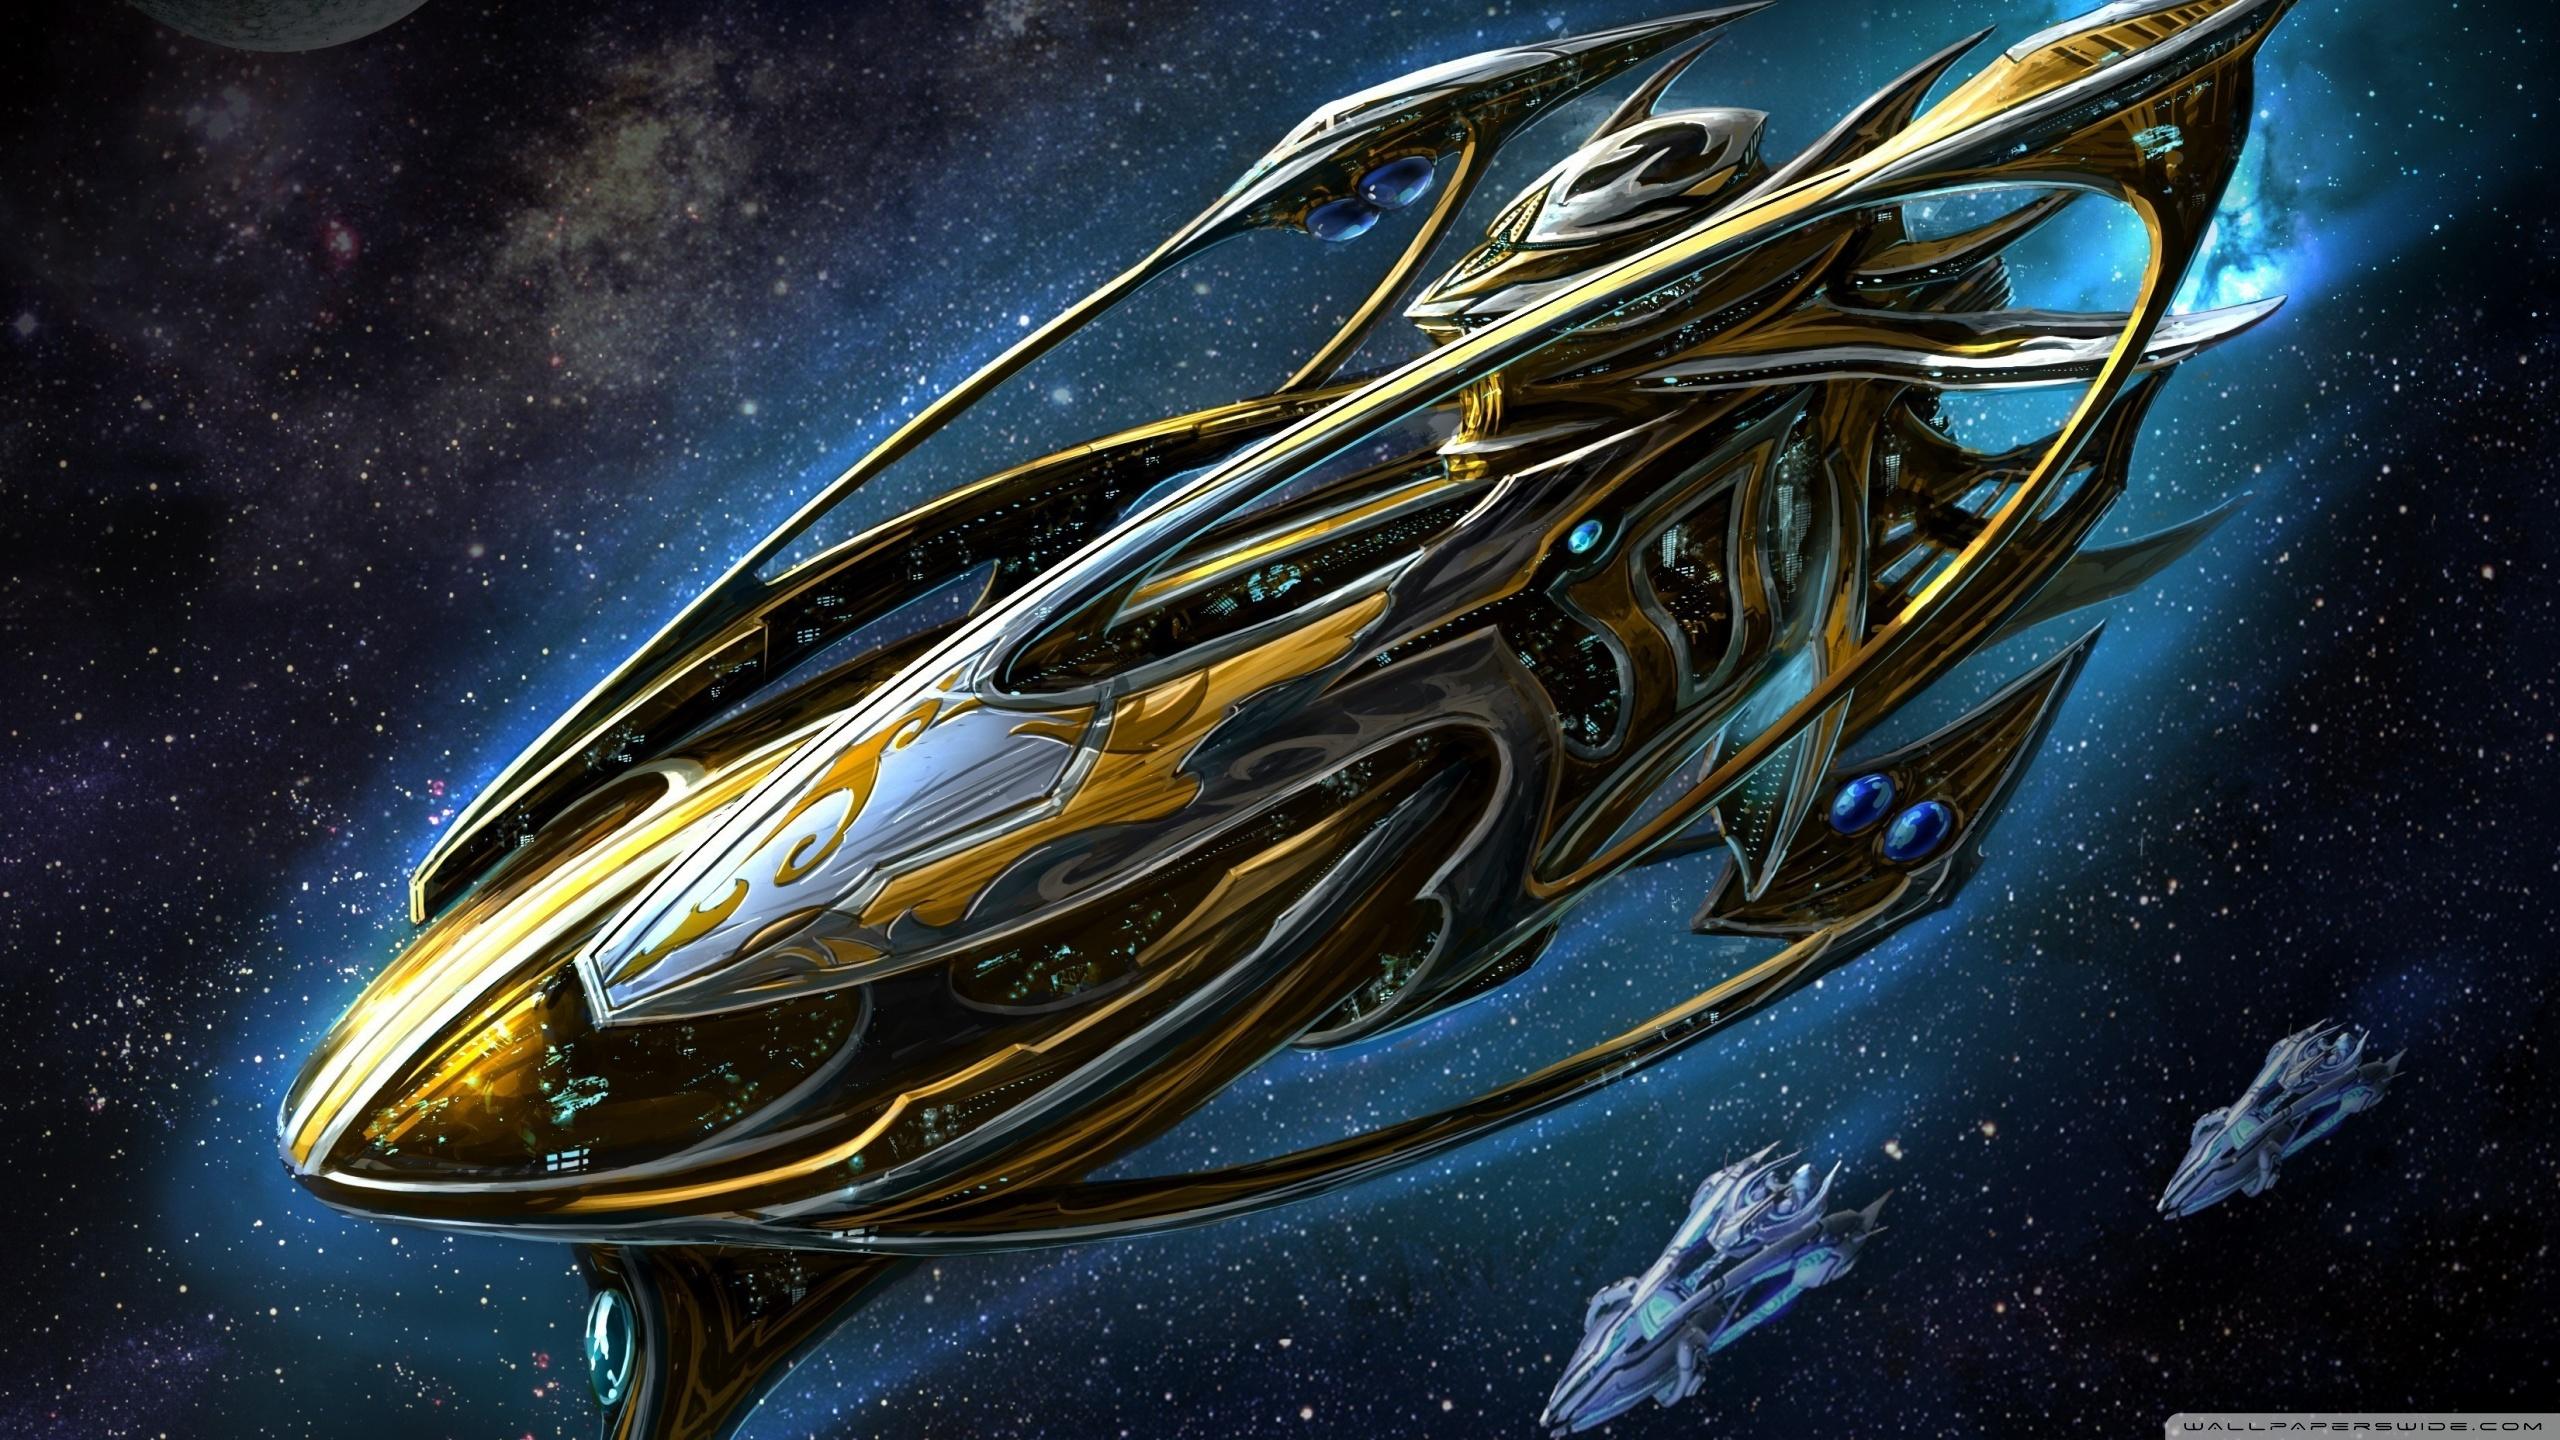 Starcraft Protoss Battleship Ultra HD Desktop Background Wallpaper 2560x1440